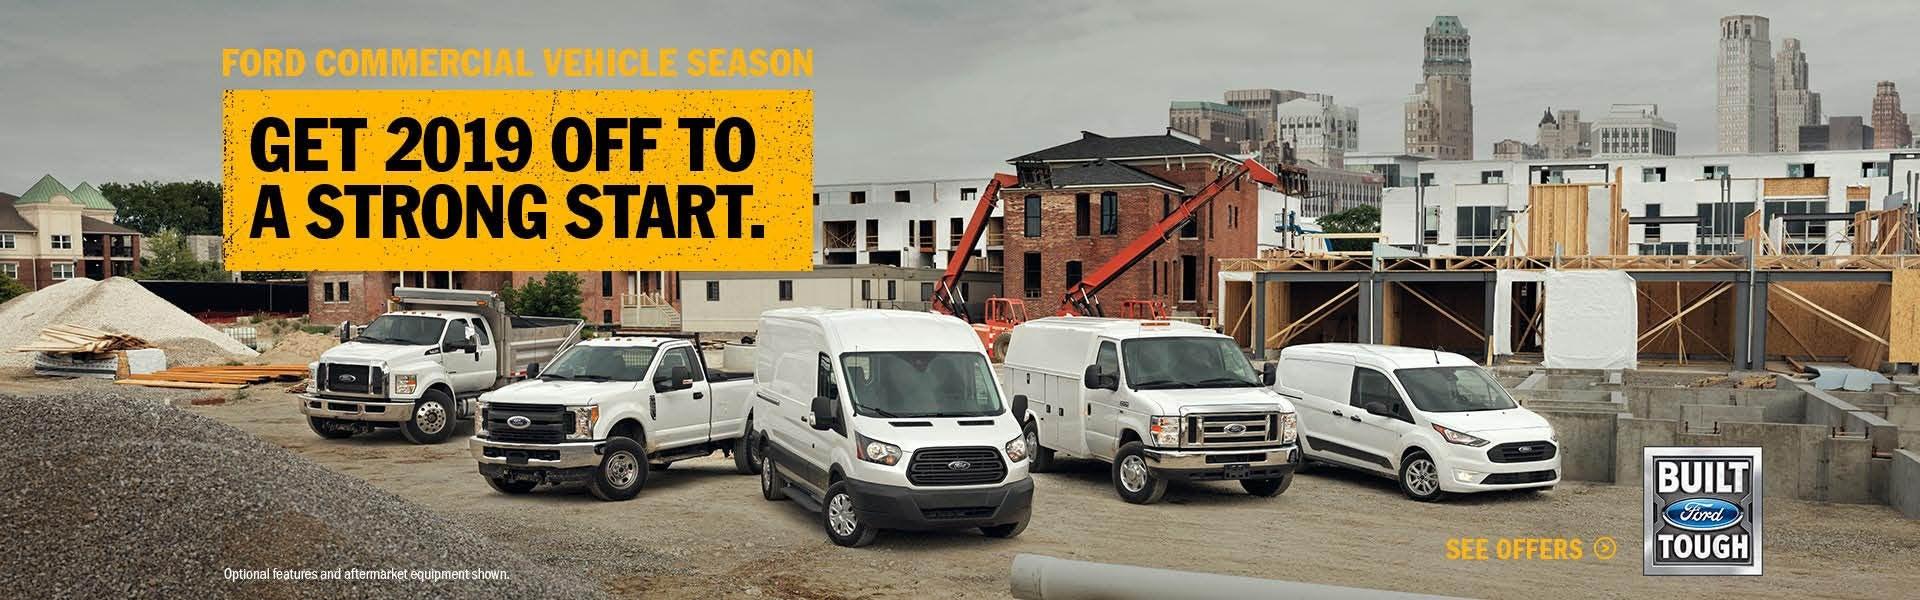 commercial vehicle season